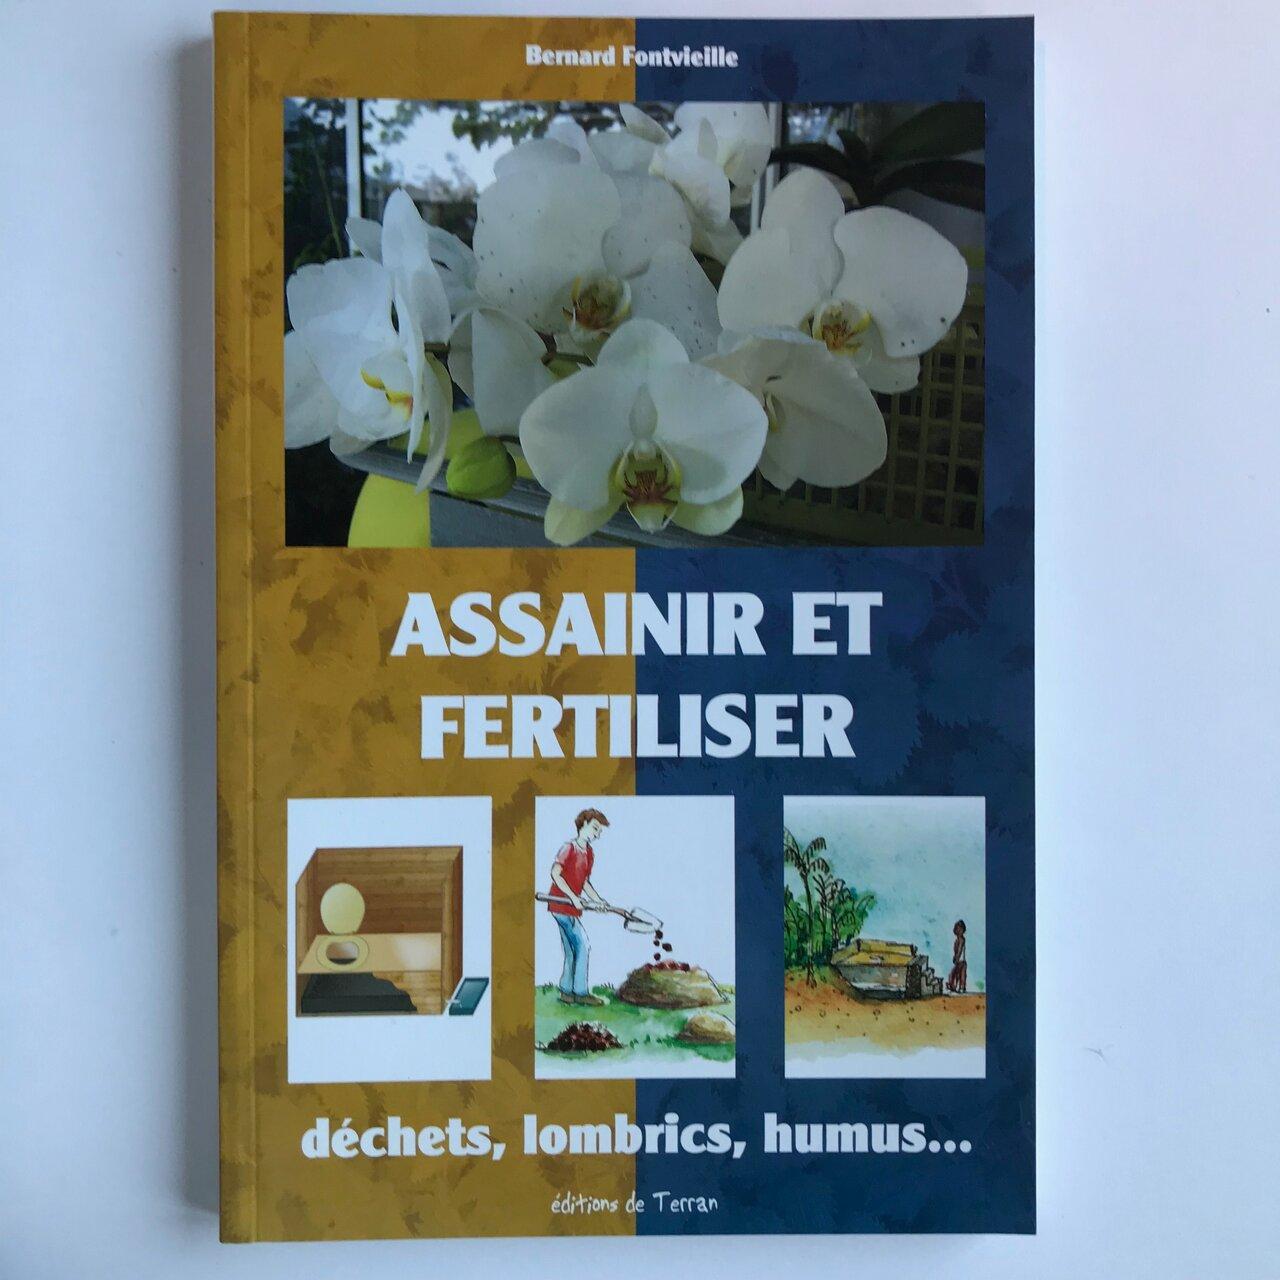 Jardinage - Assainir et fertiliser